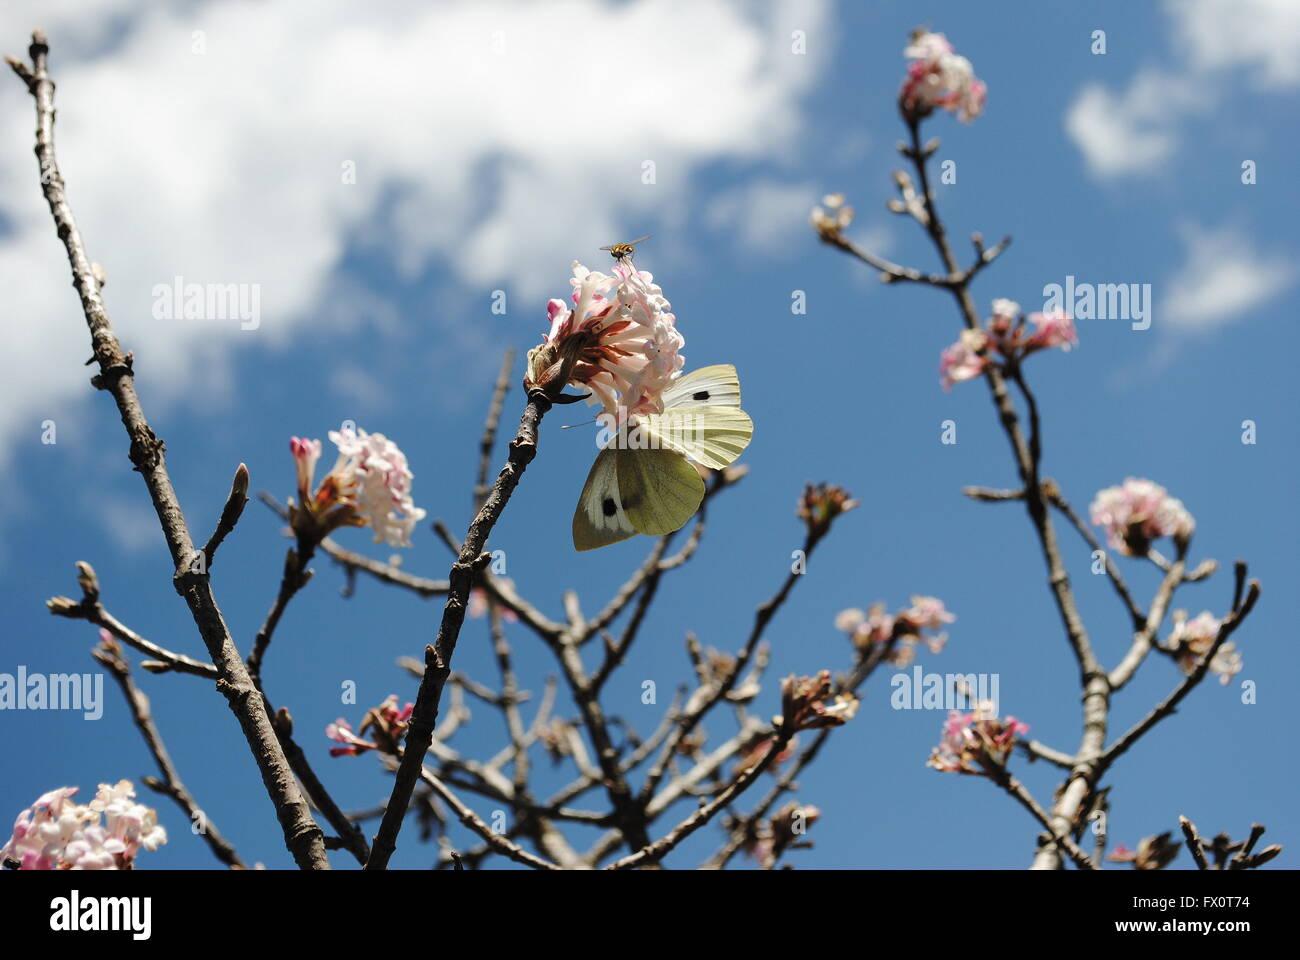 Mariposa col chupar néctar de un montón de flores de Apple. Foto de stock